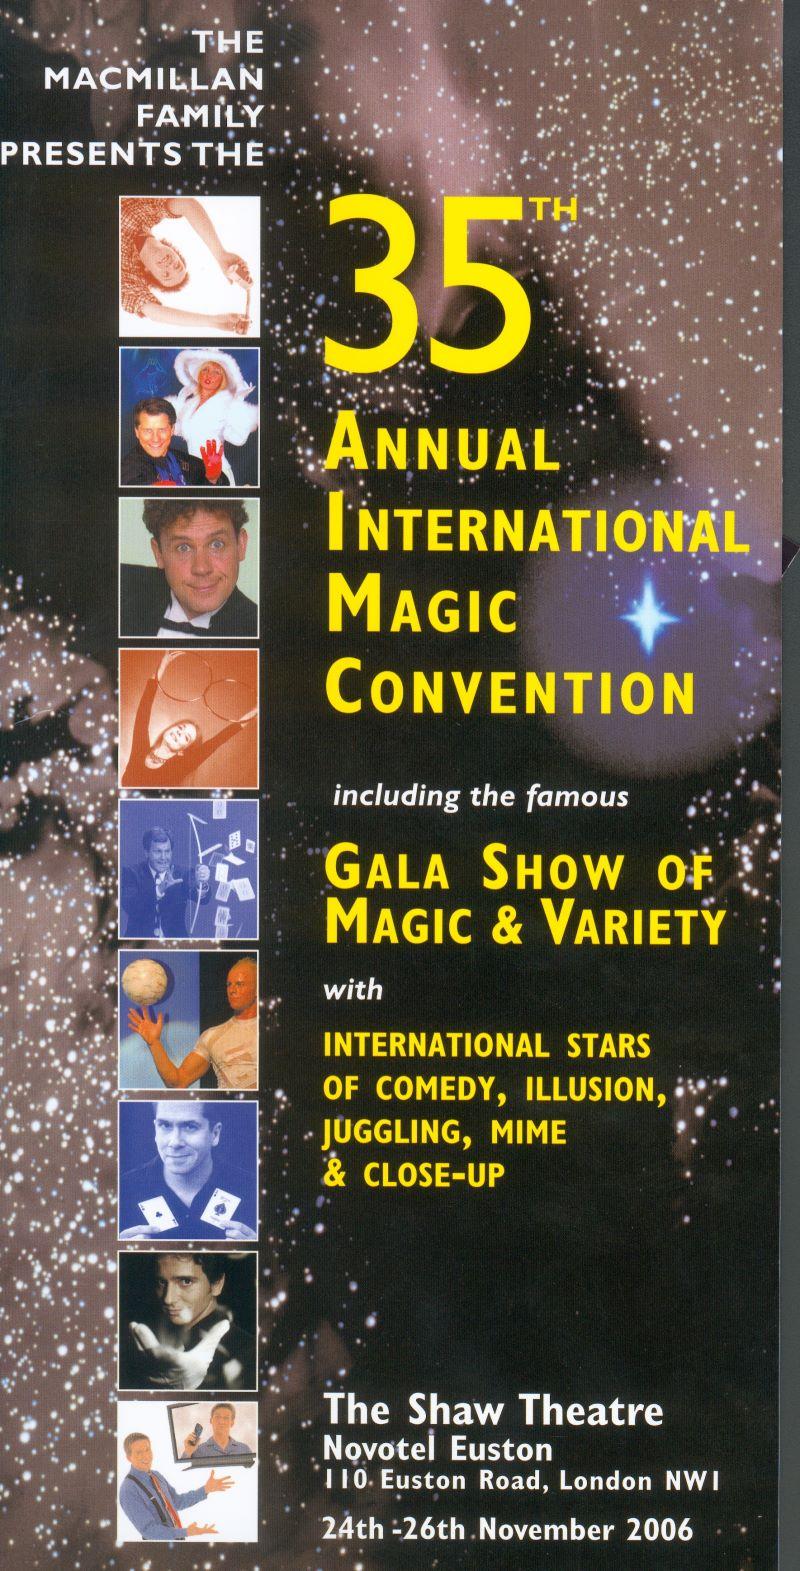 flyer_cover.jpg